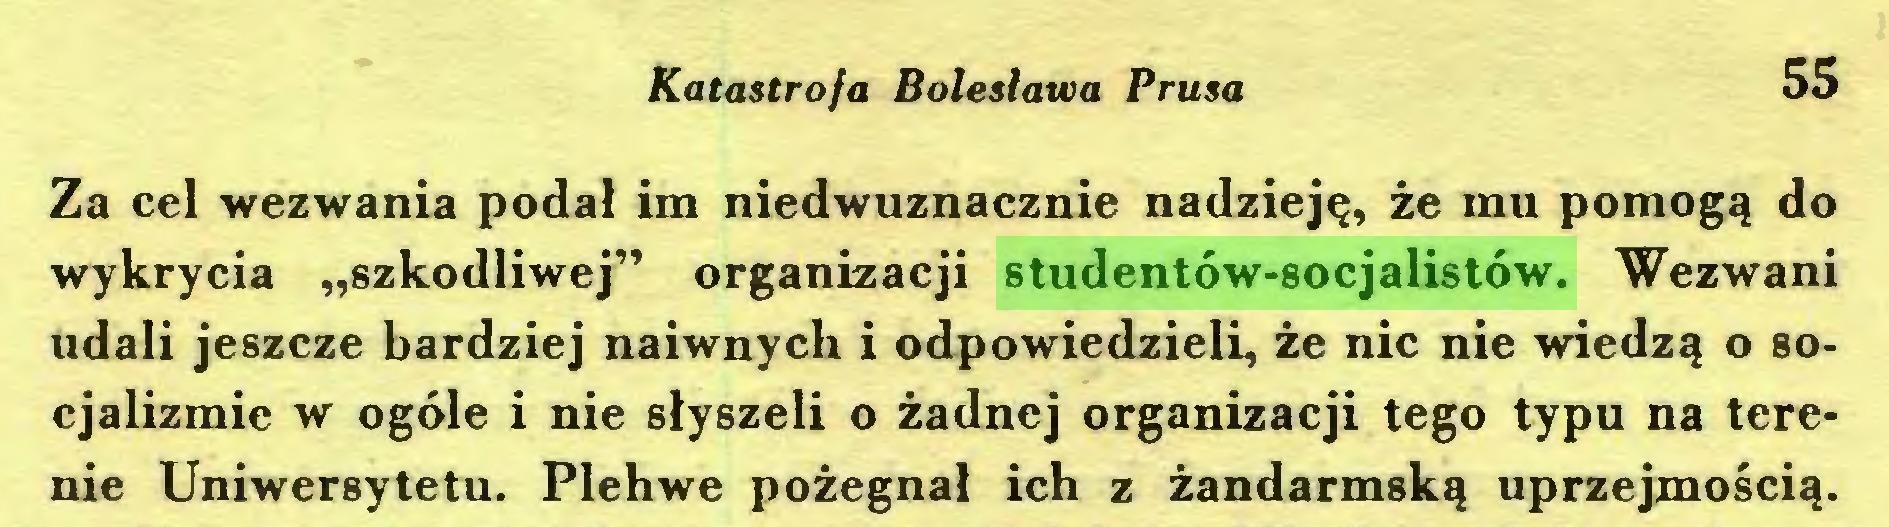 """(...) Katastrofa Bolesława Prusa 55 Za cel wezwania podał im niedwuznacznie nadzieję, że mu pomogą do wykrycia """"szkodliwej"""" organizacji studentów-socjalistów. Wezwani udali jeszcze bardziej naiwnych i odpowiedzieli, że nic nie wiedzą o socjalizmie w ogóle i nie słyszeli o żadnej organizacji tego typu na terenie Uniwersytetu. Plehwe pożegnał ich z żandarmską uprzejmością..."""